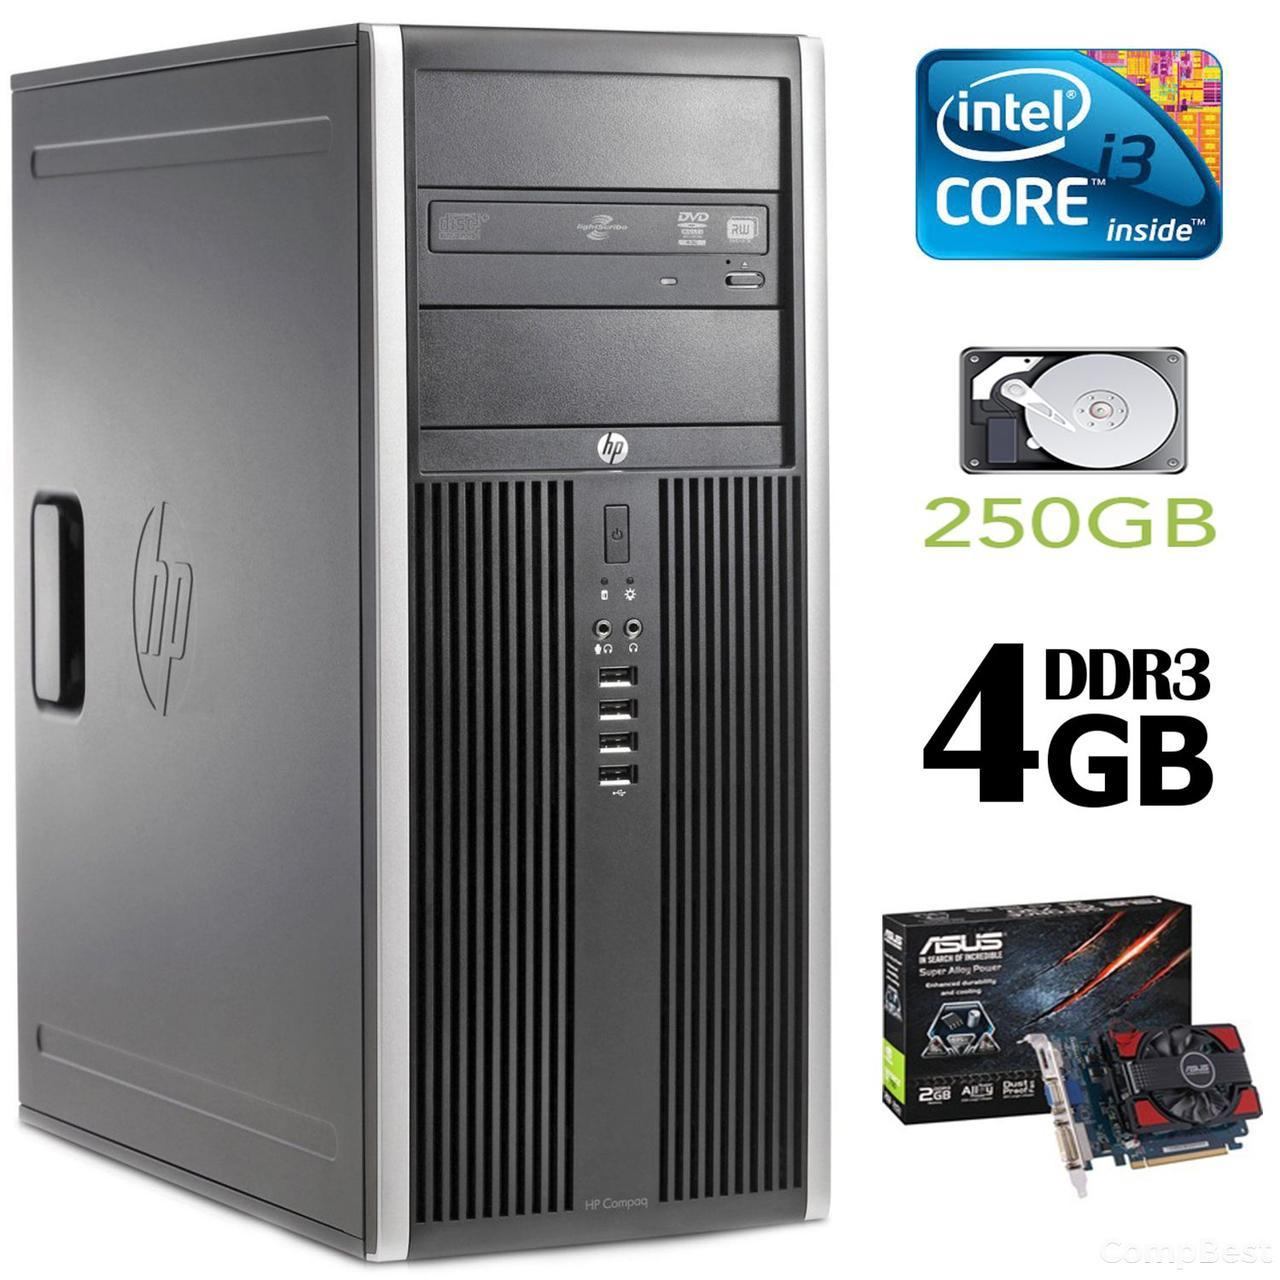 HP 6200 Tower / Intel Core i3-2100 (3.10 ГГц, 2 ядра, 4 потока) / 4GB DDR3 / 250GB HDD / new! GeForce GT 730 1Gb GDDR3 (HDMI, DVI, VGA)